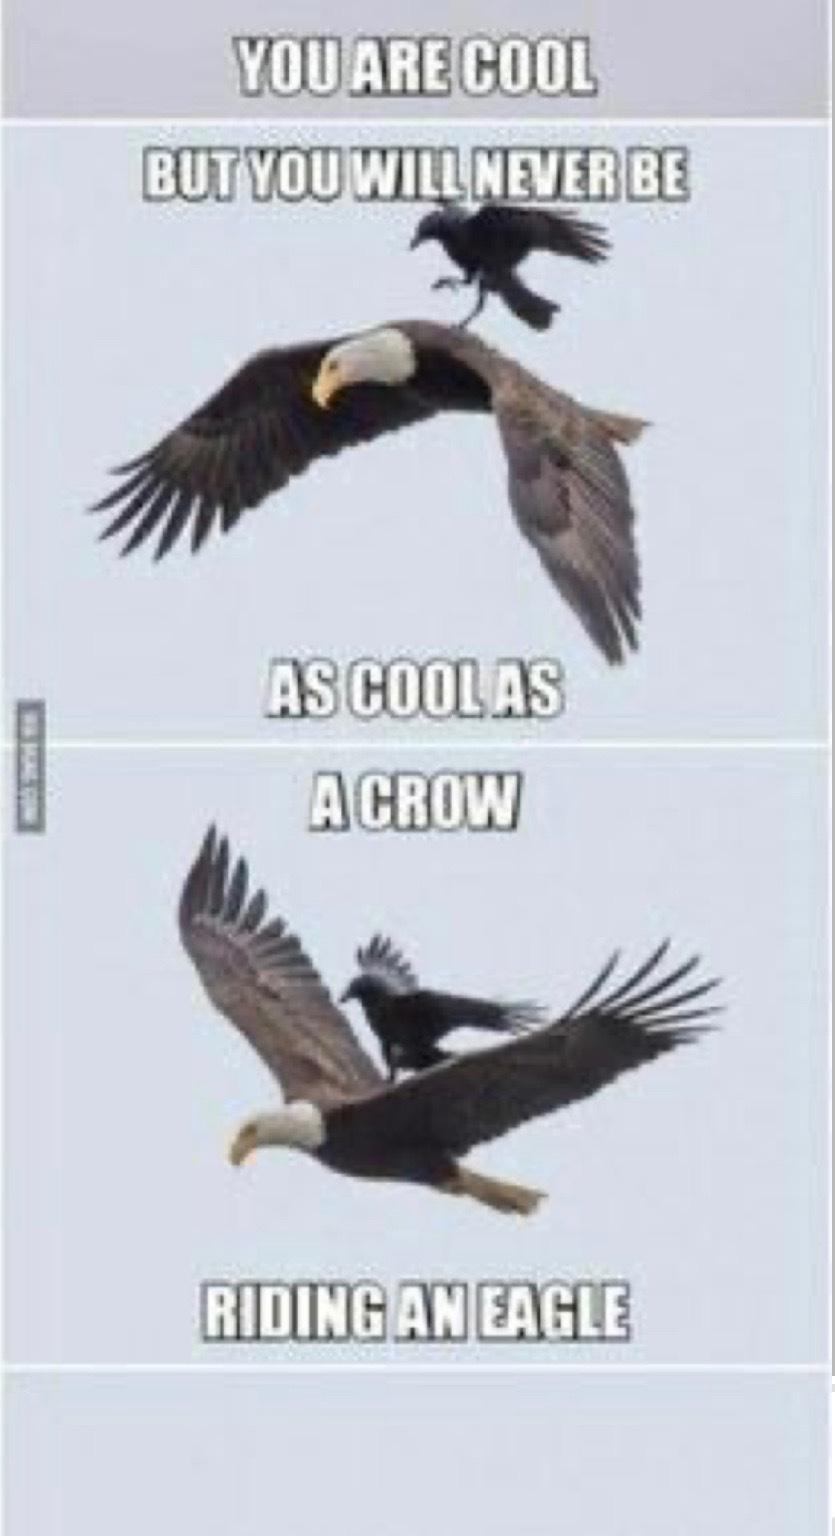 Eagle - meme